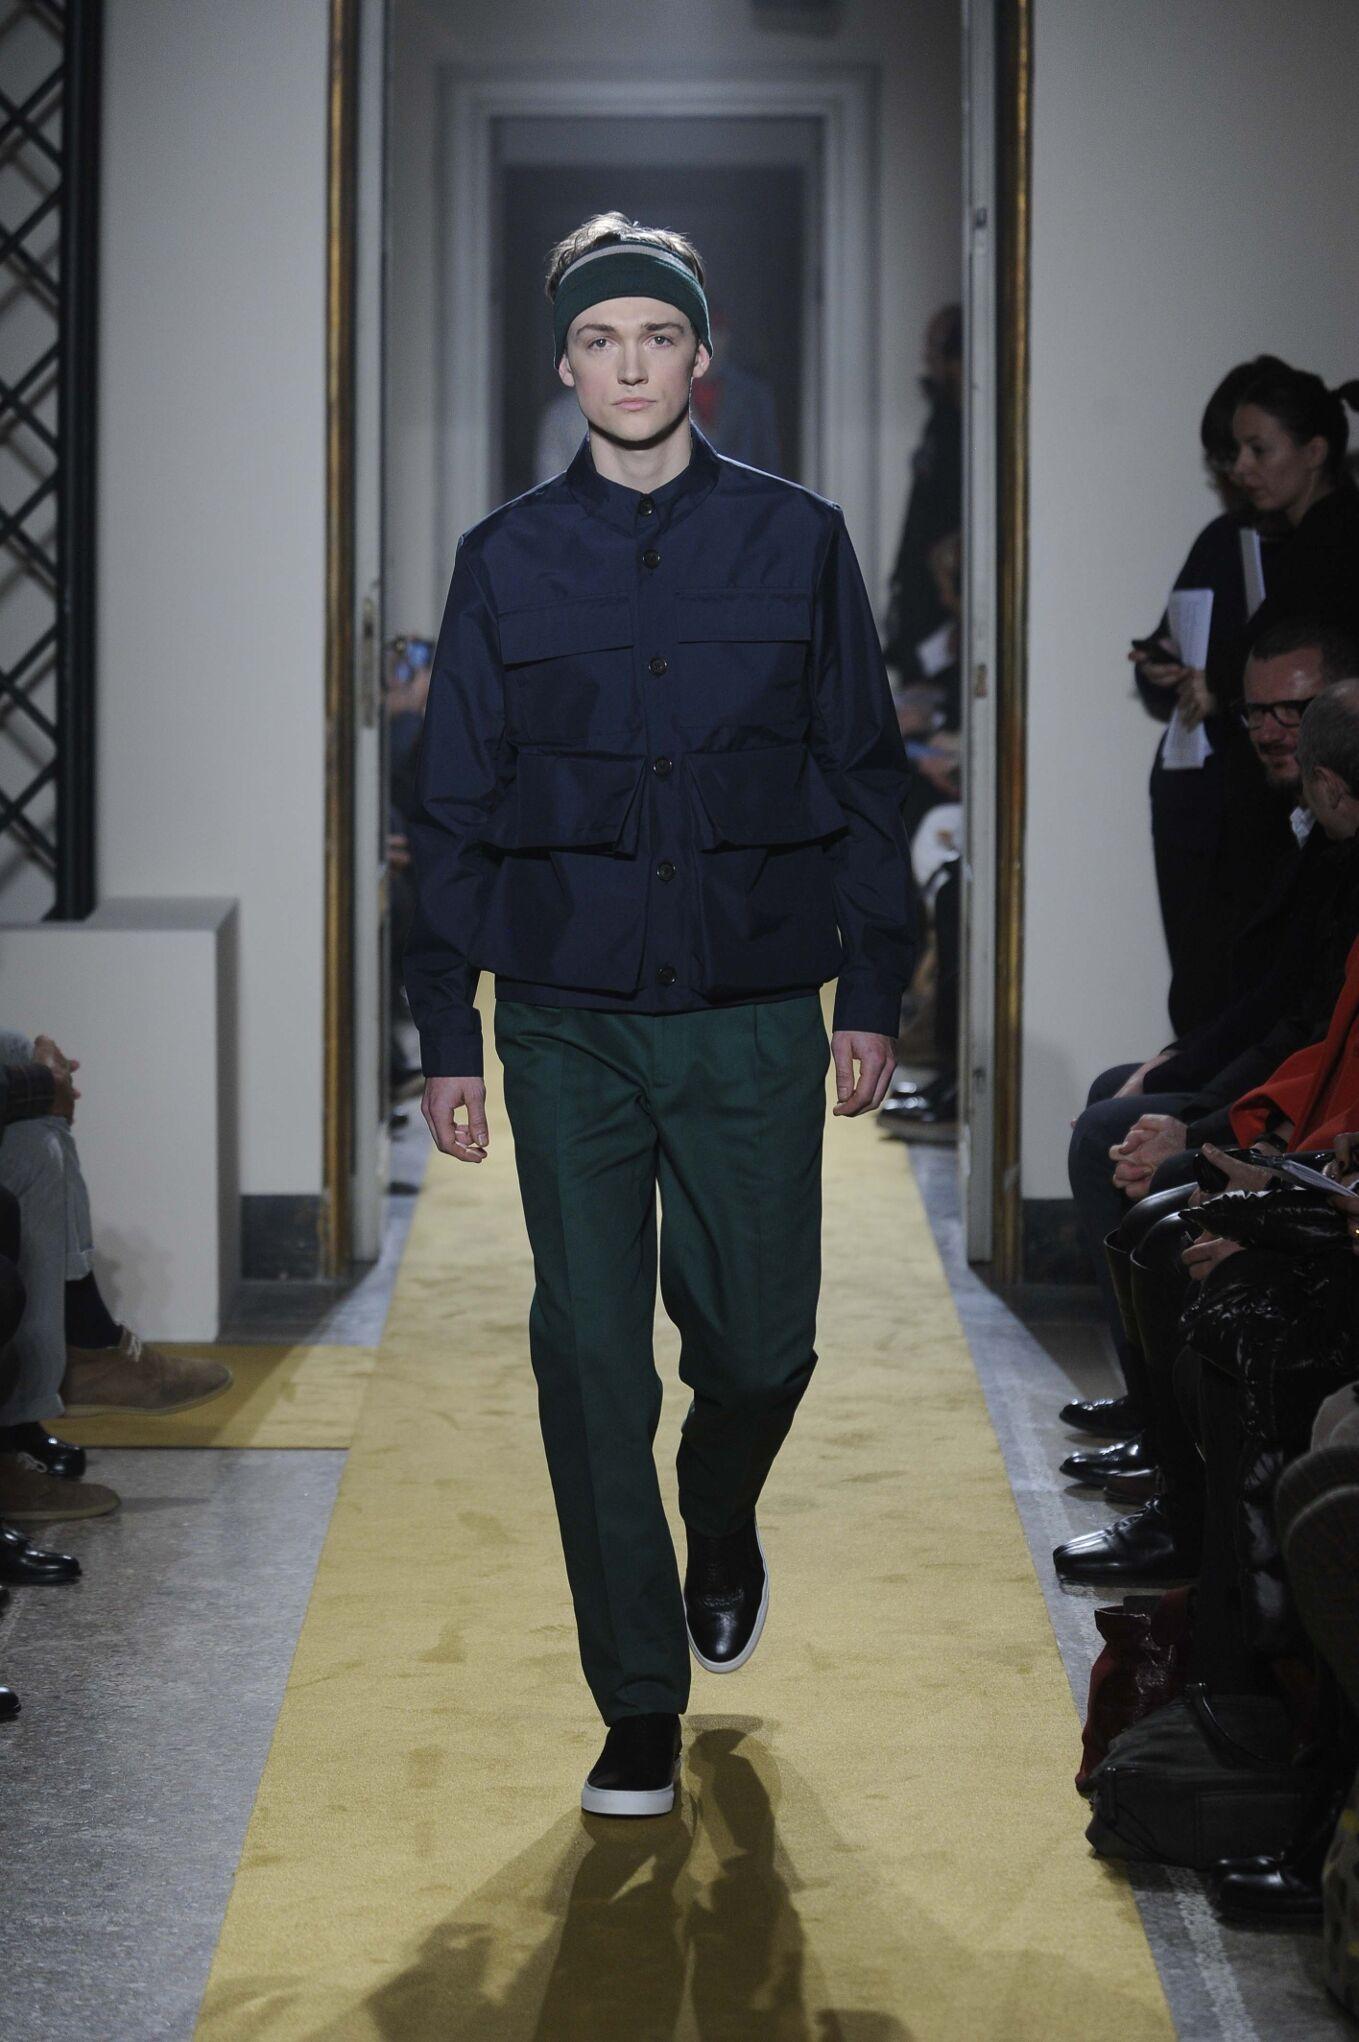 Fashion Man Model Andrea Incontri Catwalk